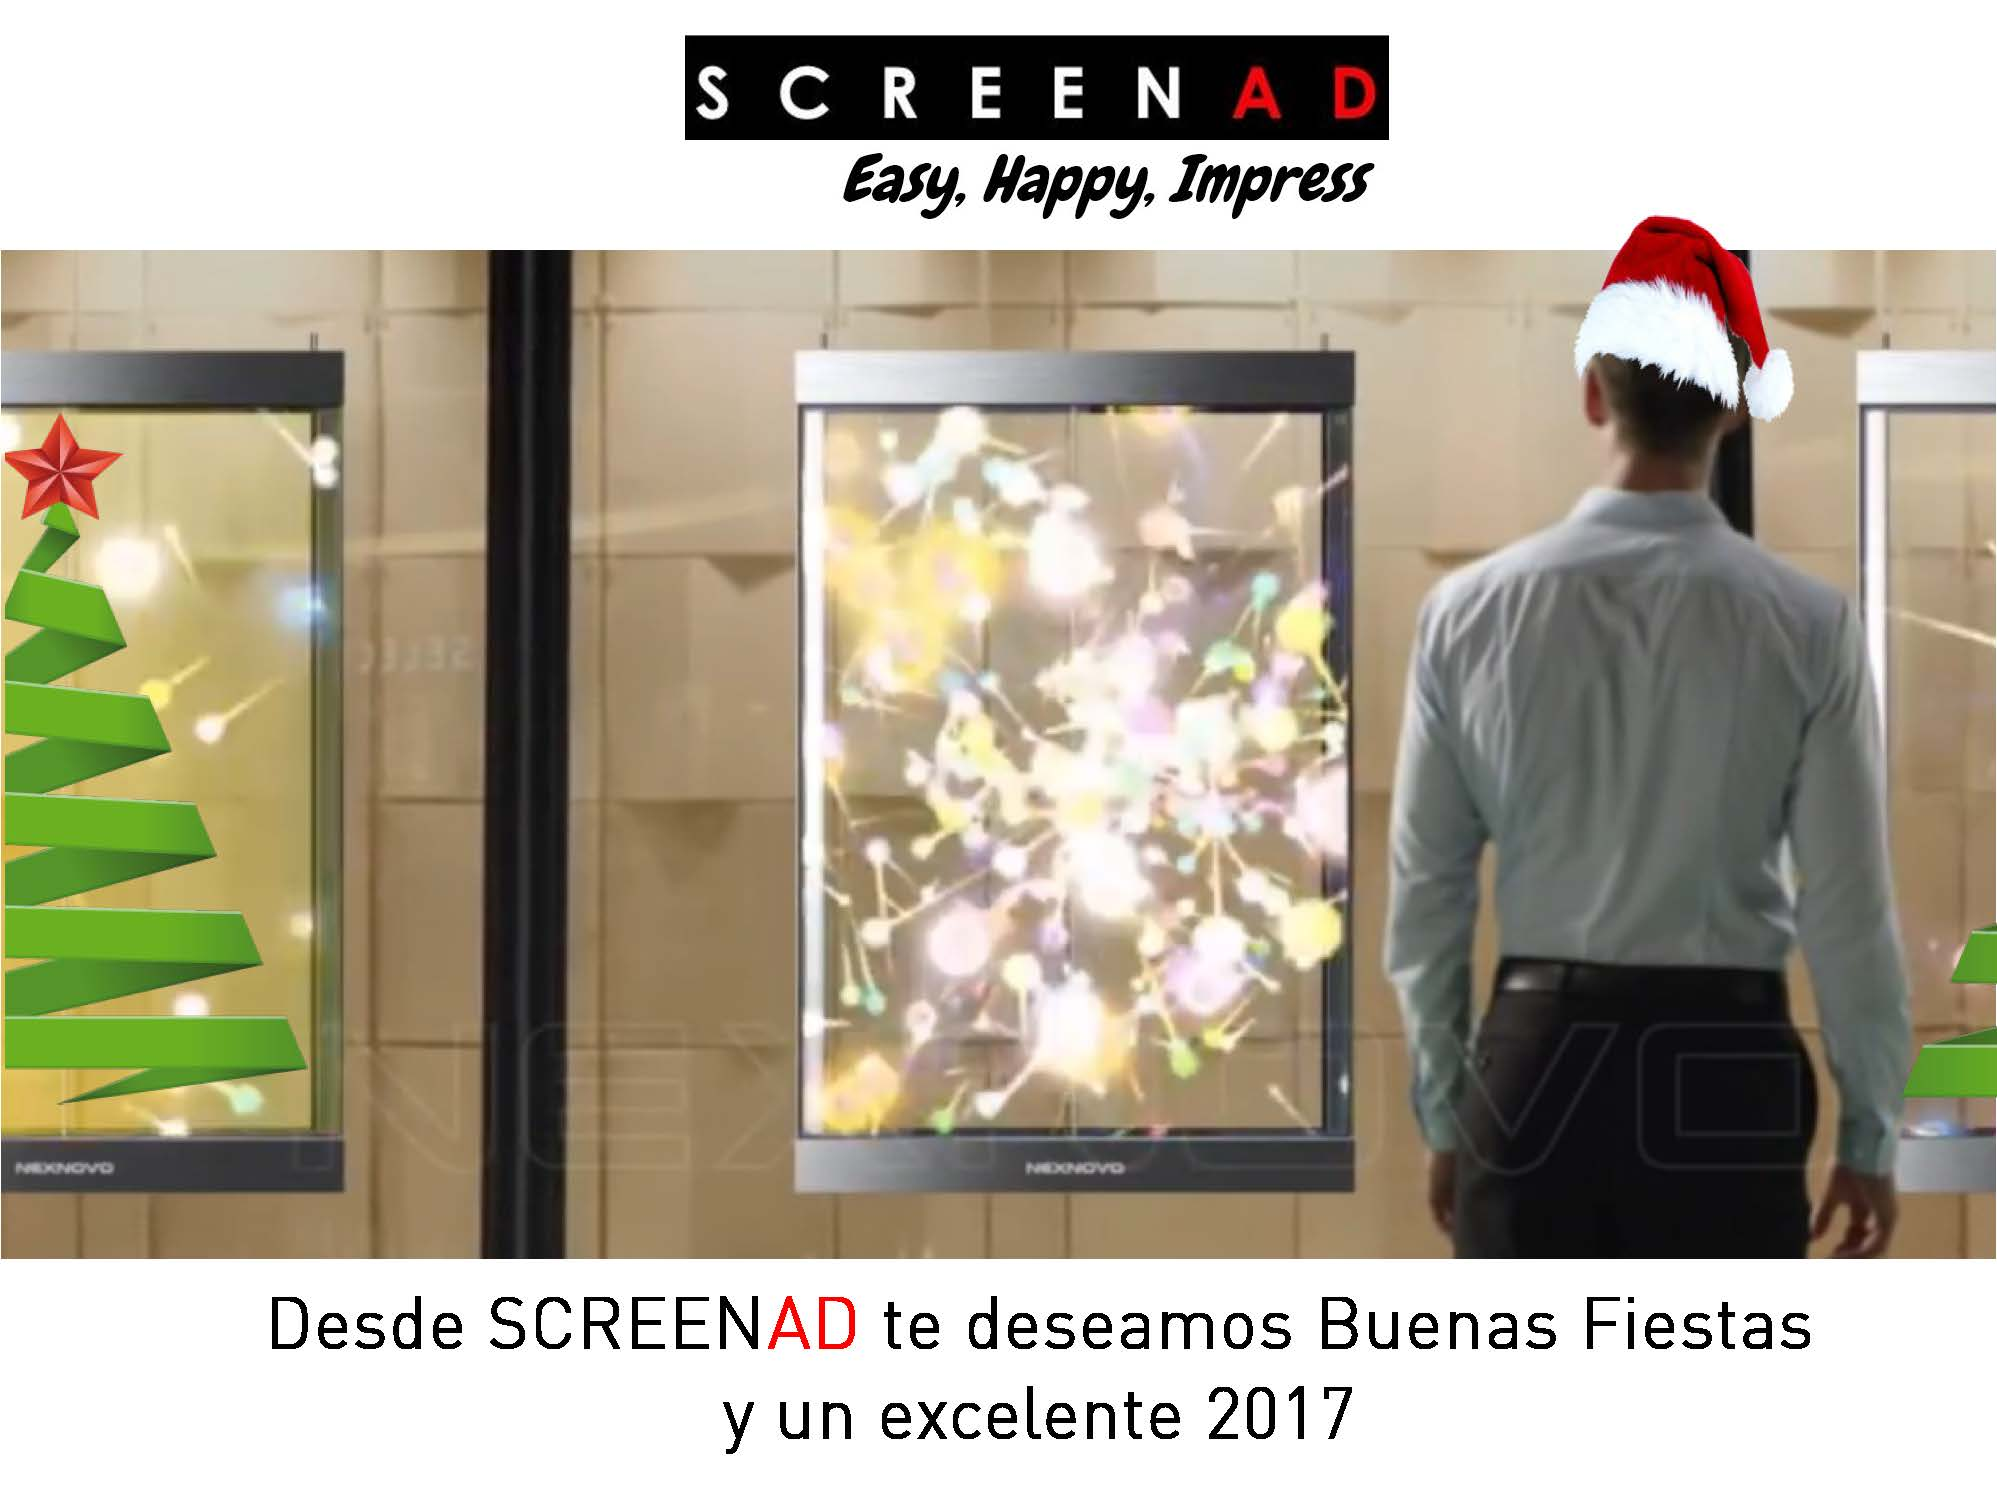 screenad communications, los especialistas de pantallas de led transparentes les desea Feliz 2017